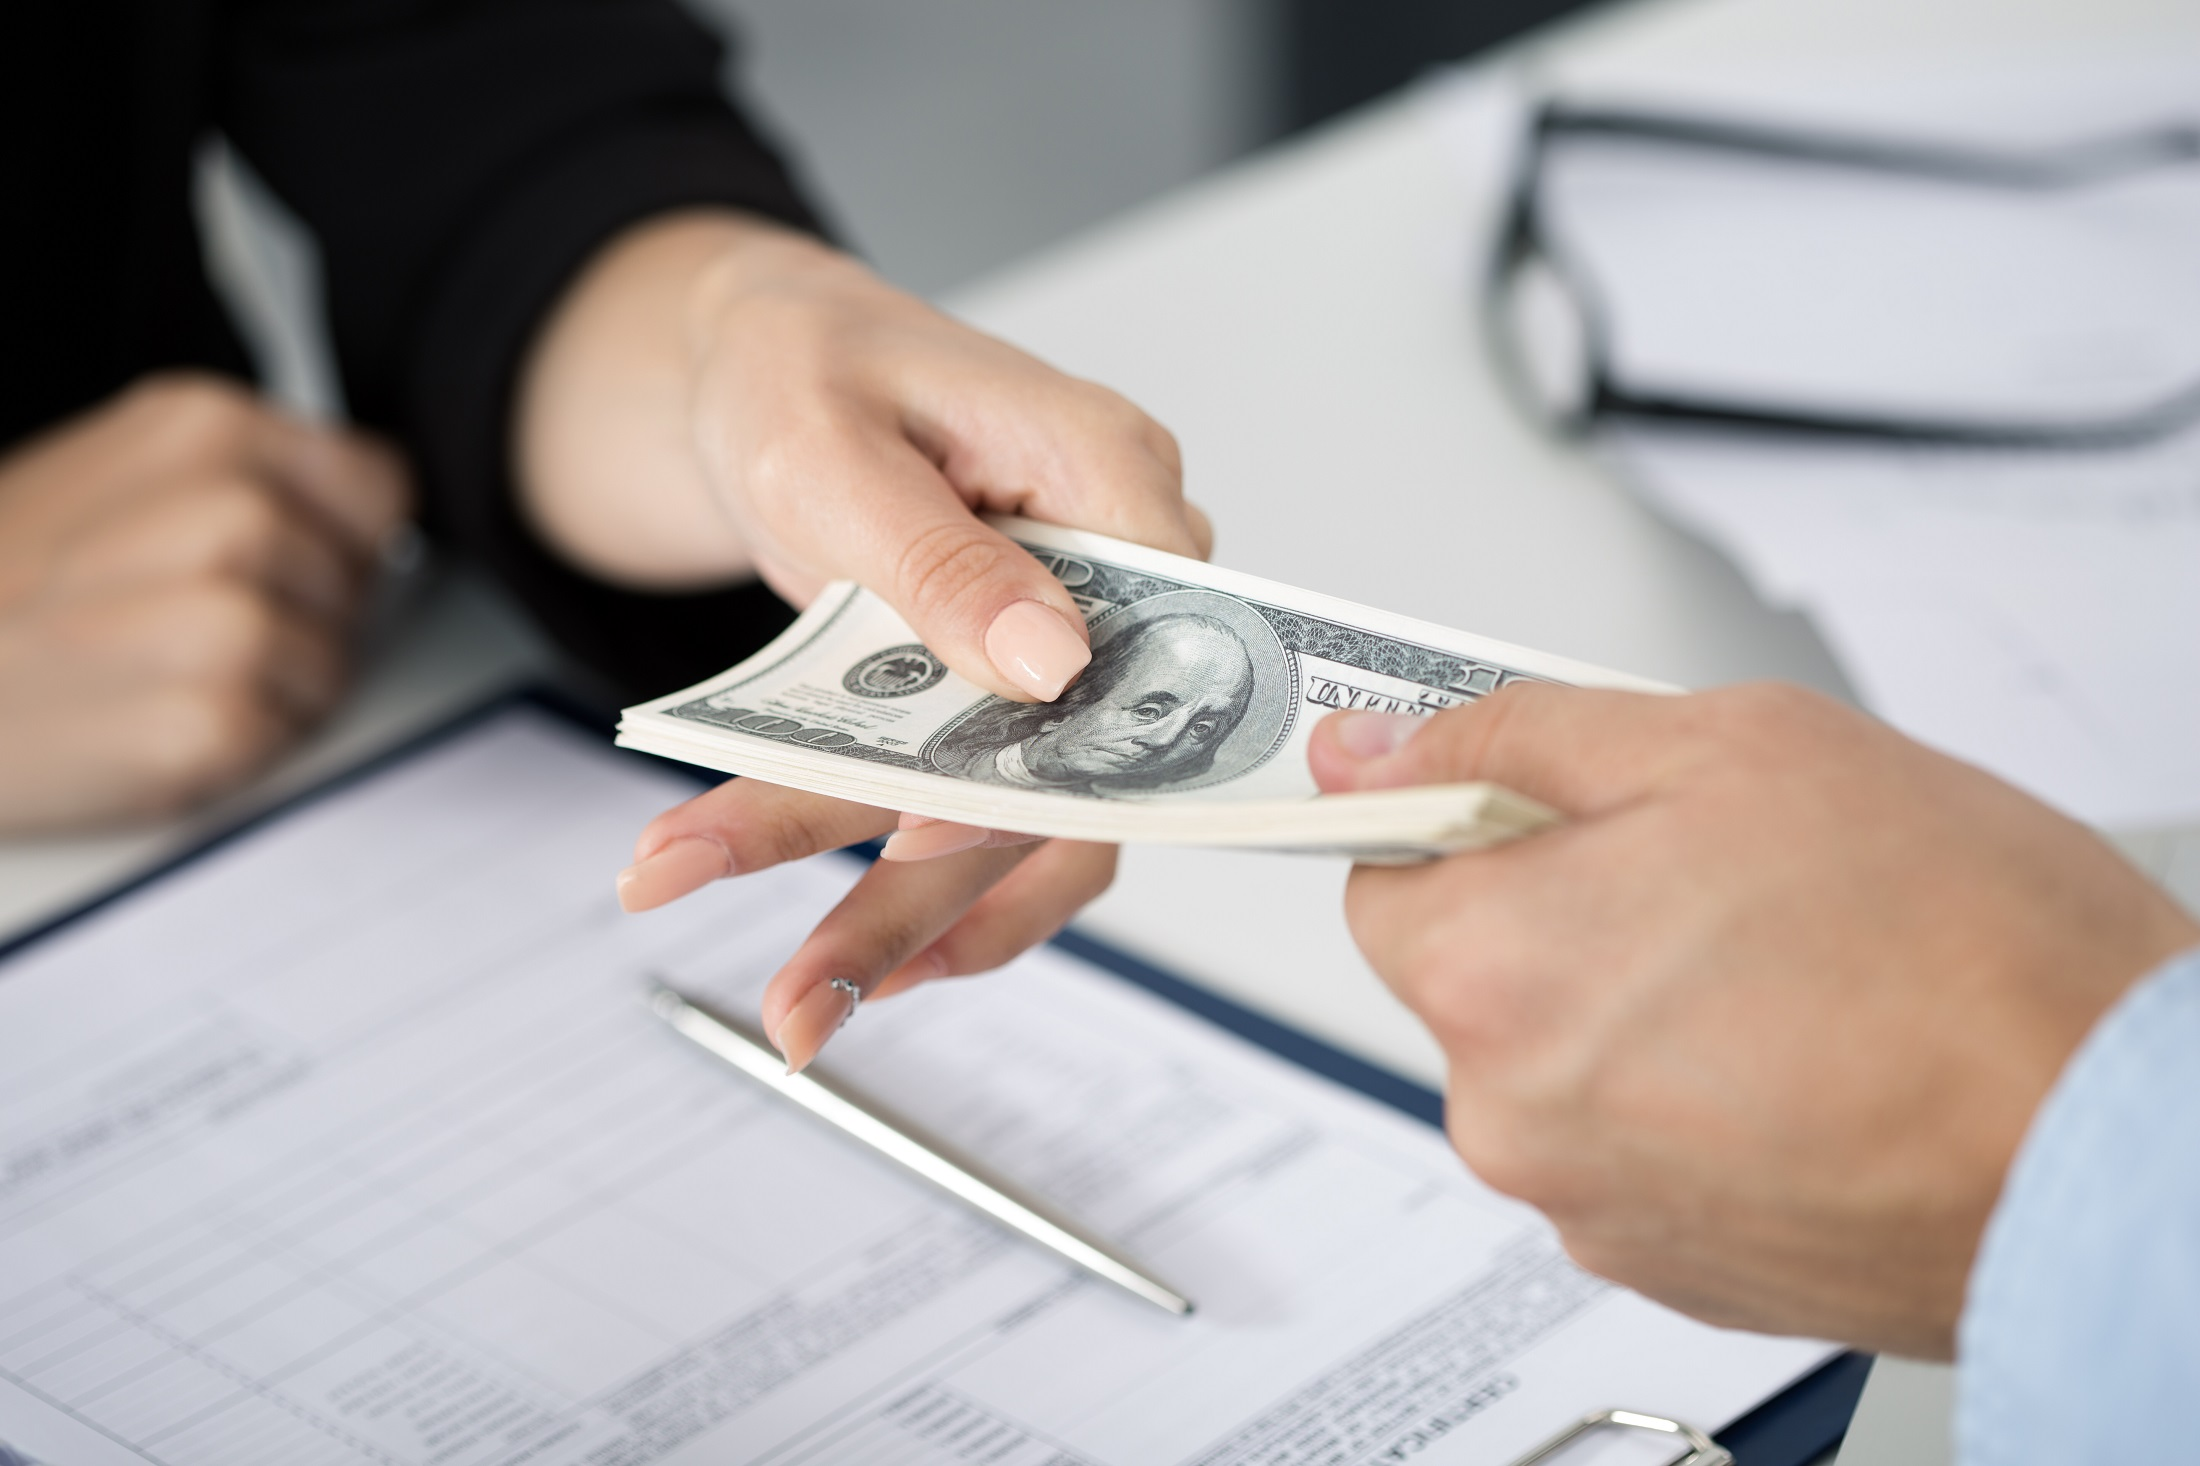 Tối ưu đòn bẩy tài chính từ dịch vụ repo cổ phiếu, vay tiền nhanh chóng